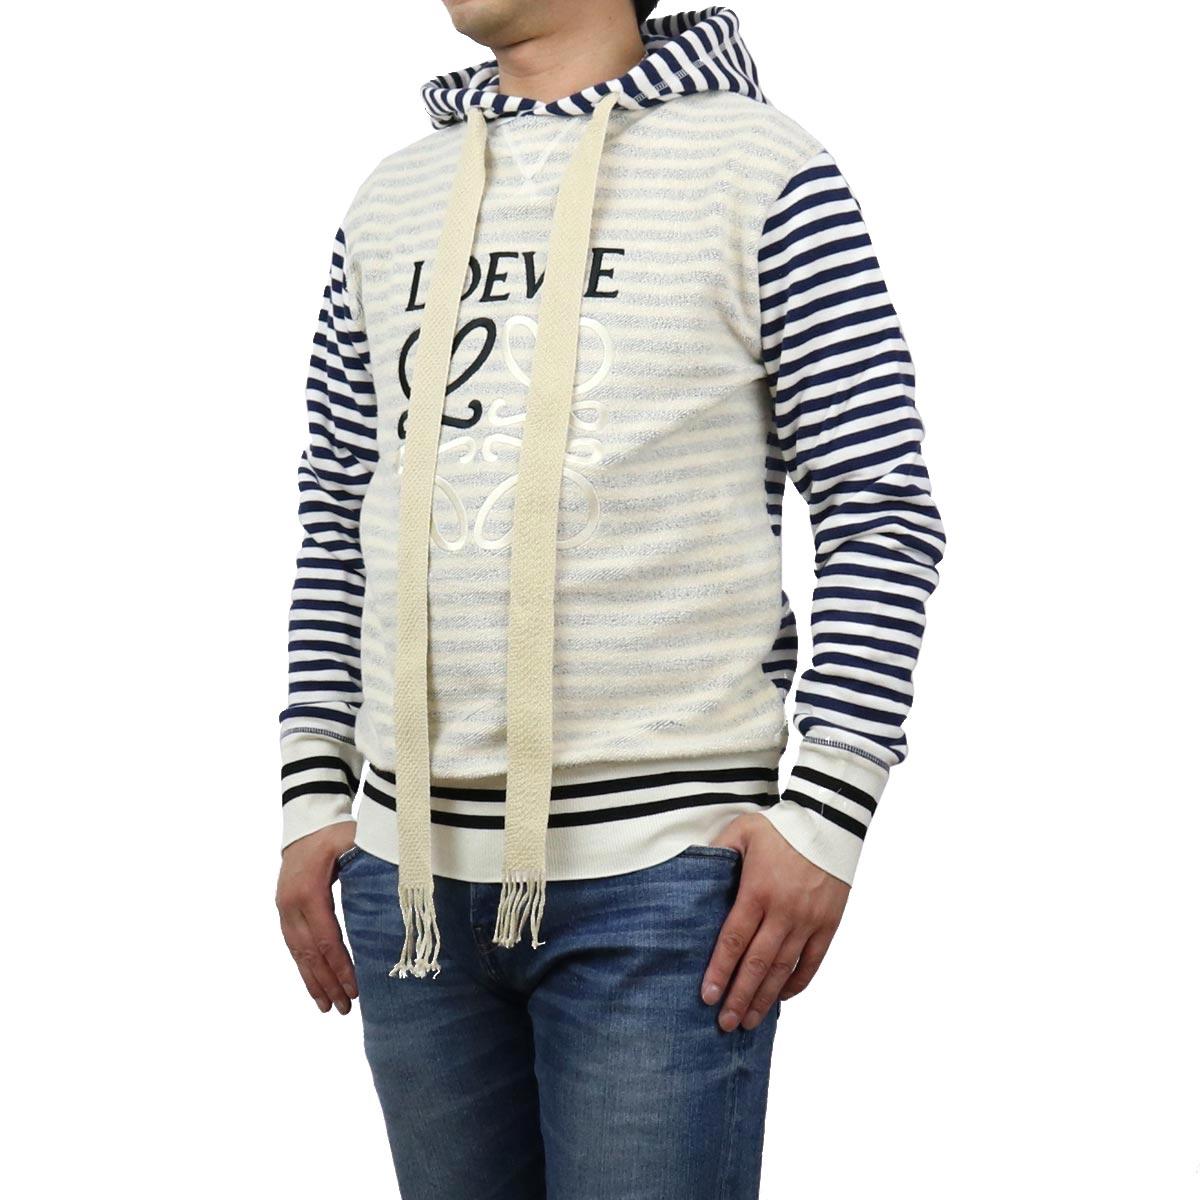 ロエベ LOEWE メンズ-パーカー H526Y25J04 2396 ベージュ系 ネイビー系 bos-35 apparel-01 メンズ   big-01